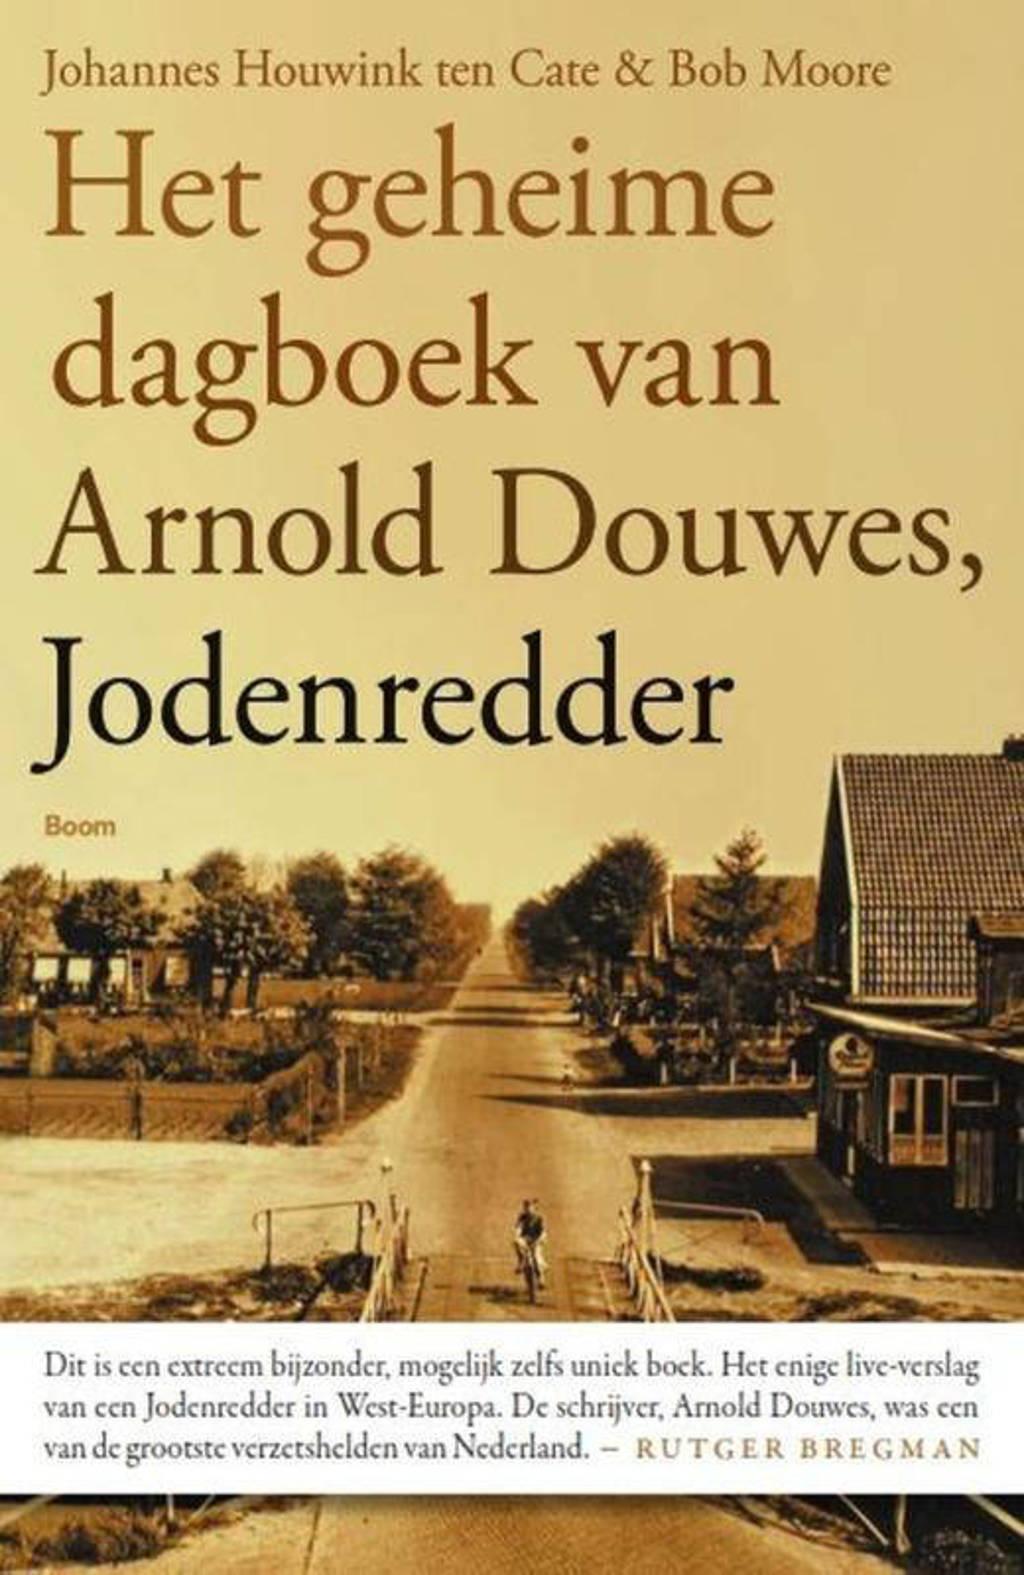 Het geheime dagboek van Arnold Douwes, Jodenredder - Johannes Houwink ten Cate en Bob Moore